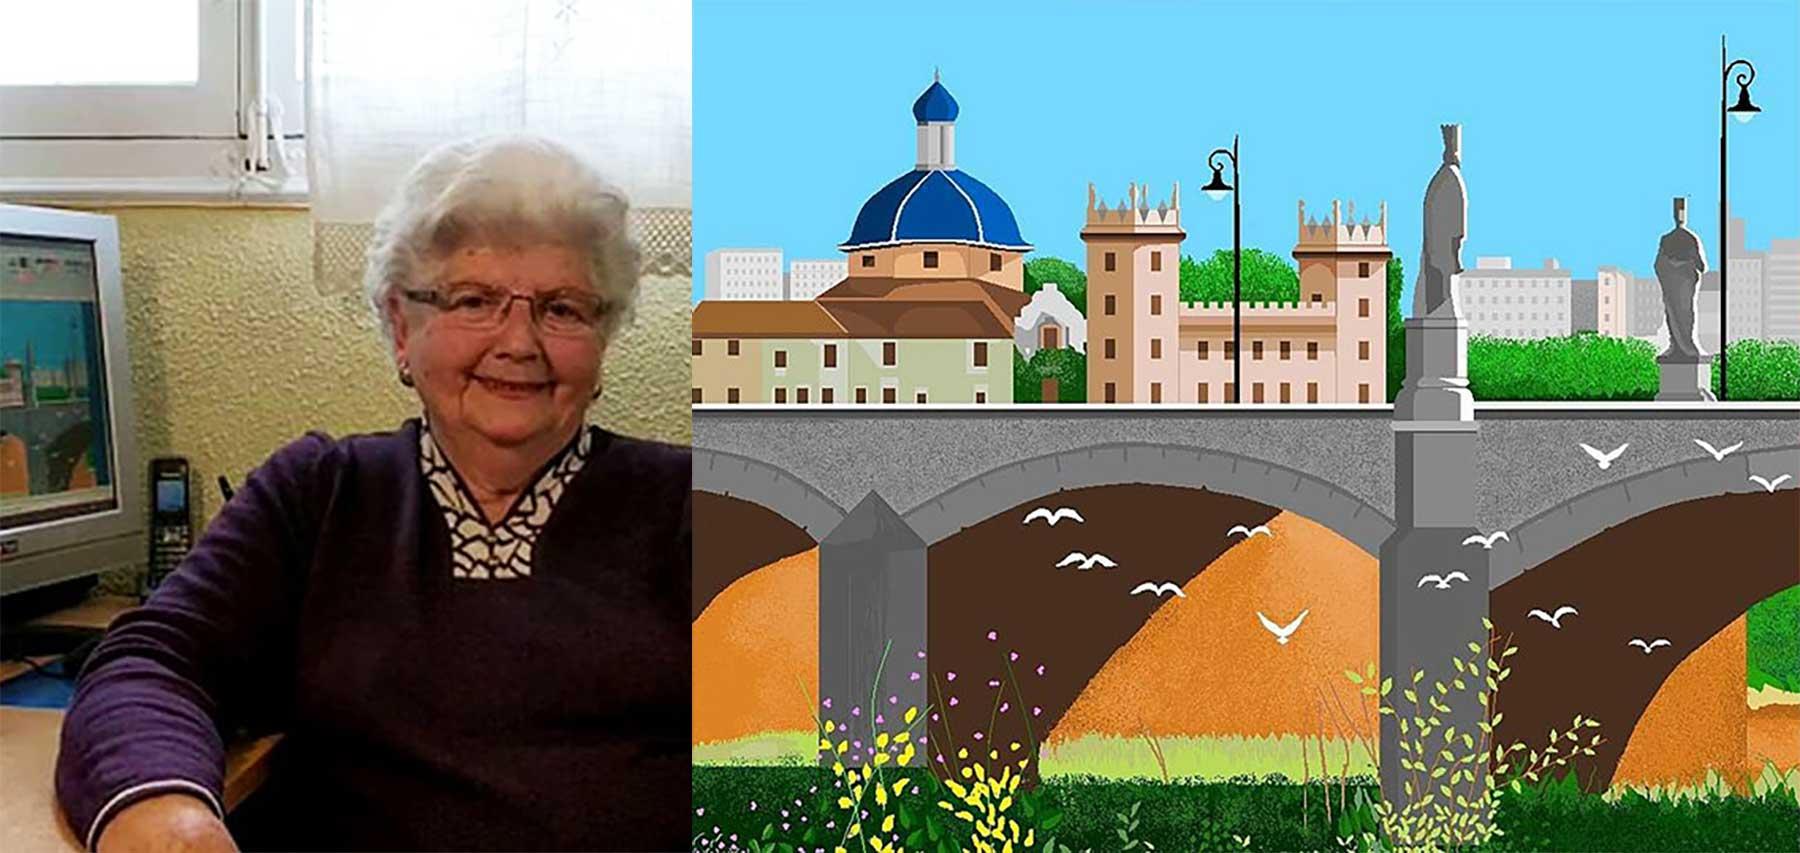 87-jährige Oma malt tolle Bilder mit MS Paint